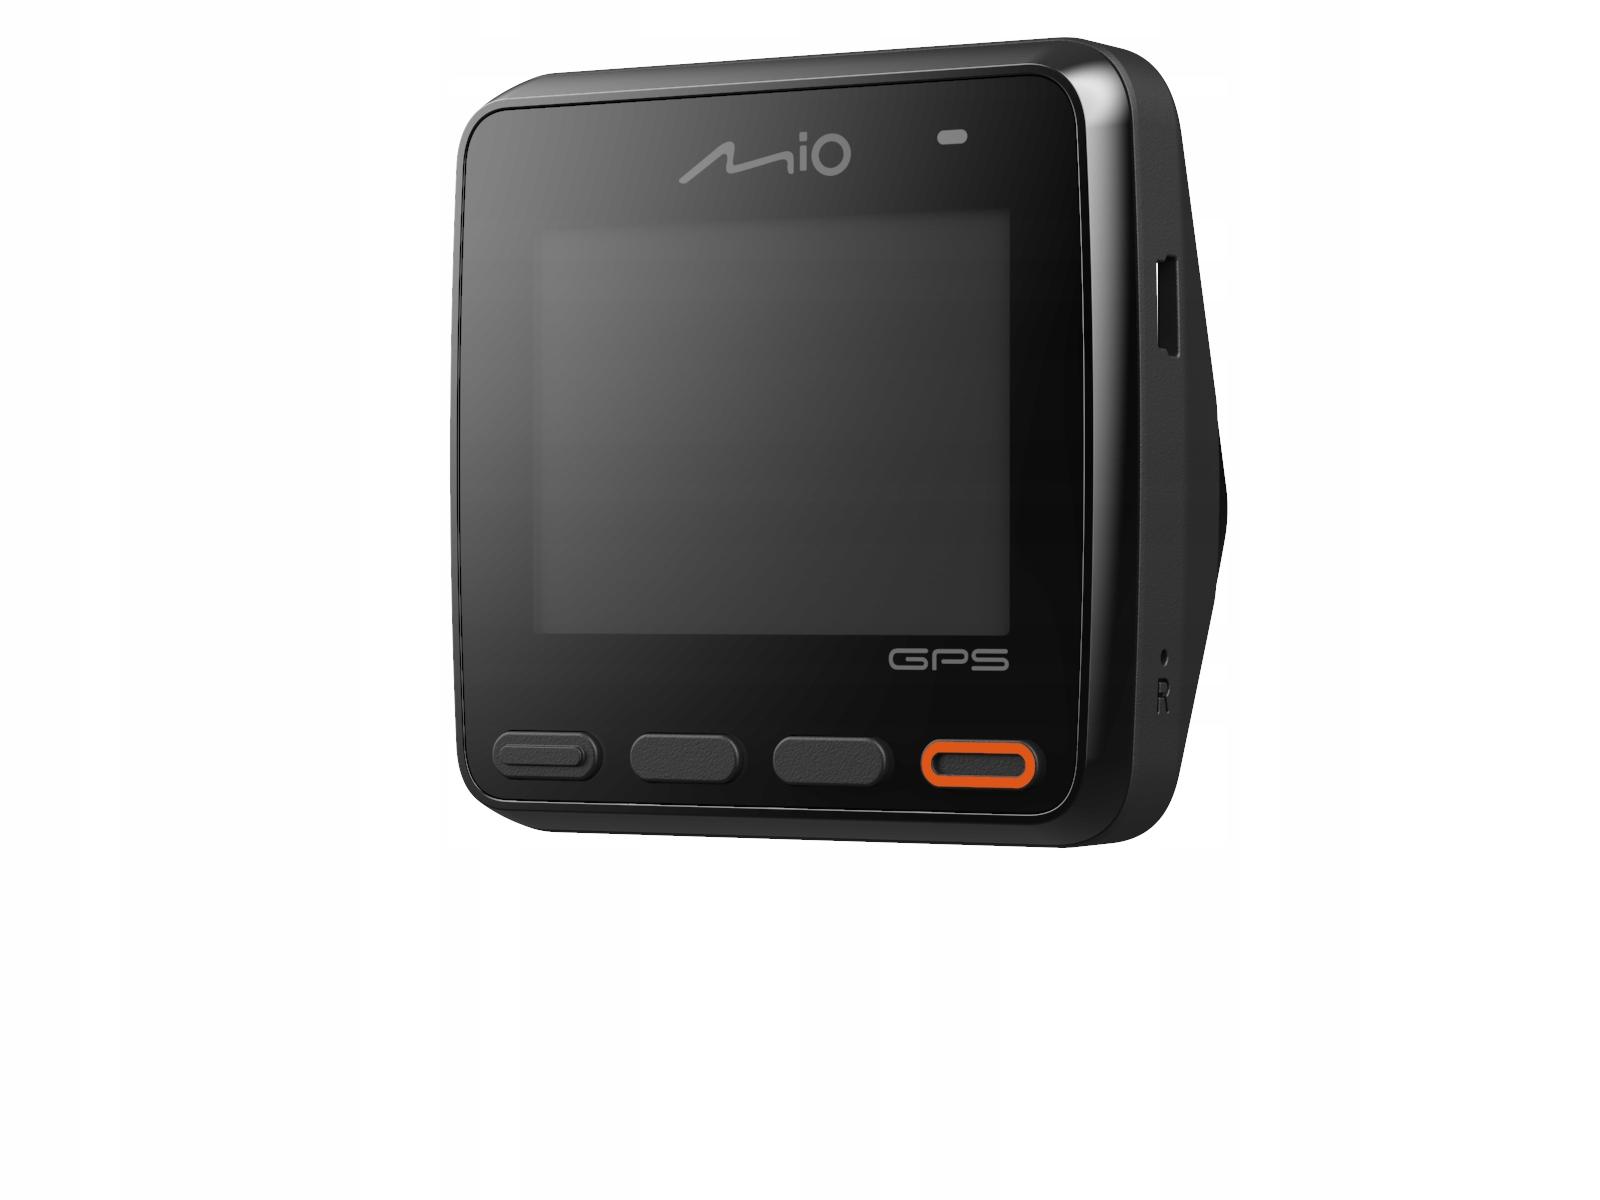 MIO MIVUE C430 REJESTRATOR GPS BAZA FOTORADARÓW Zasilanie akumulatorowe gniazdo zapalniczki samochodowej